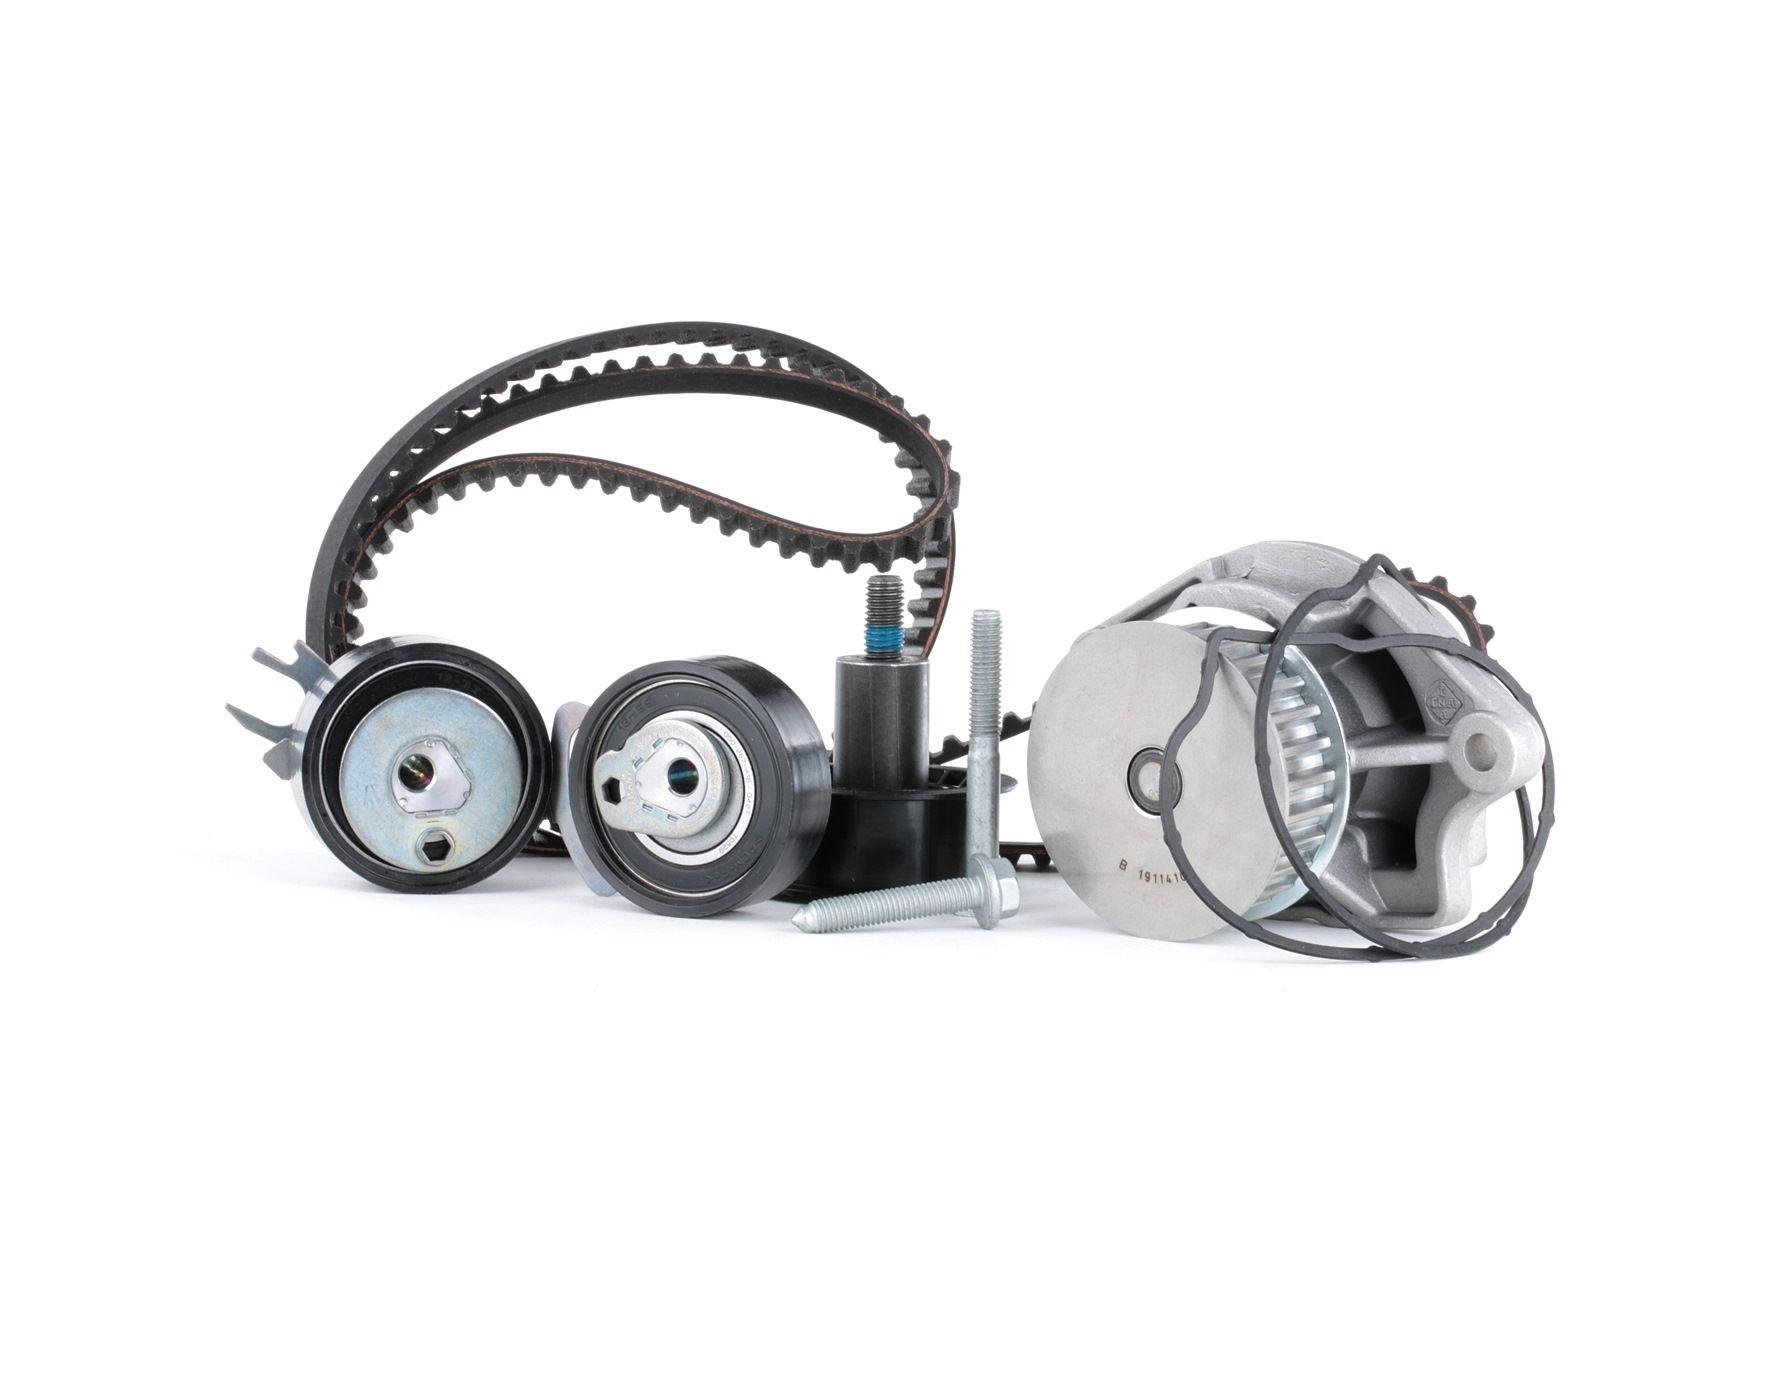 Pompa acqua e cinghia distribuzione INA 530 0538 30 valutazione